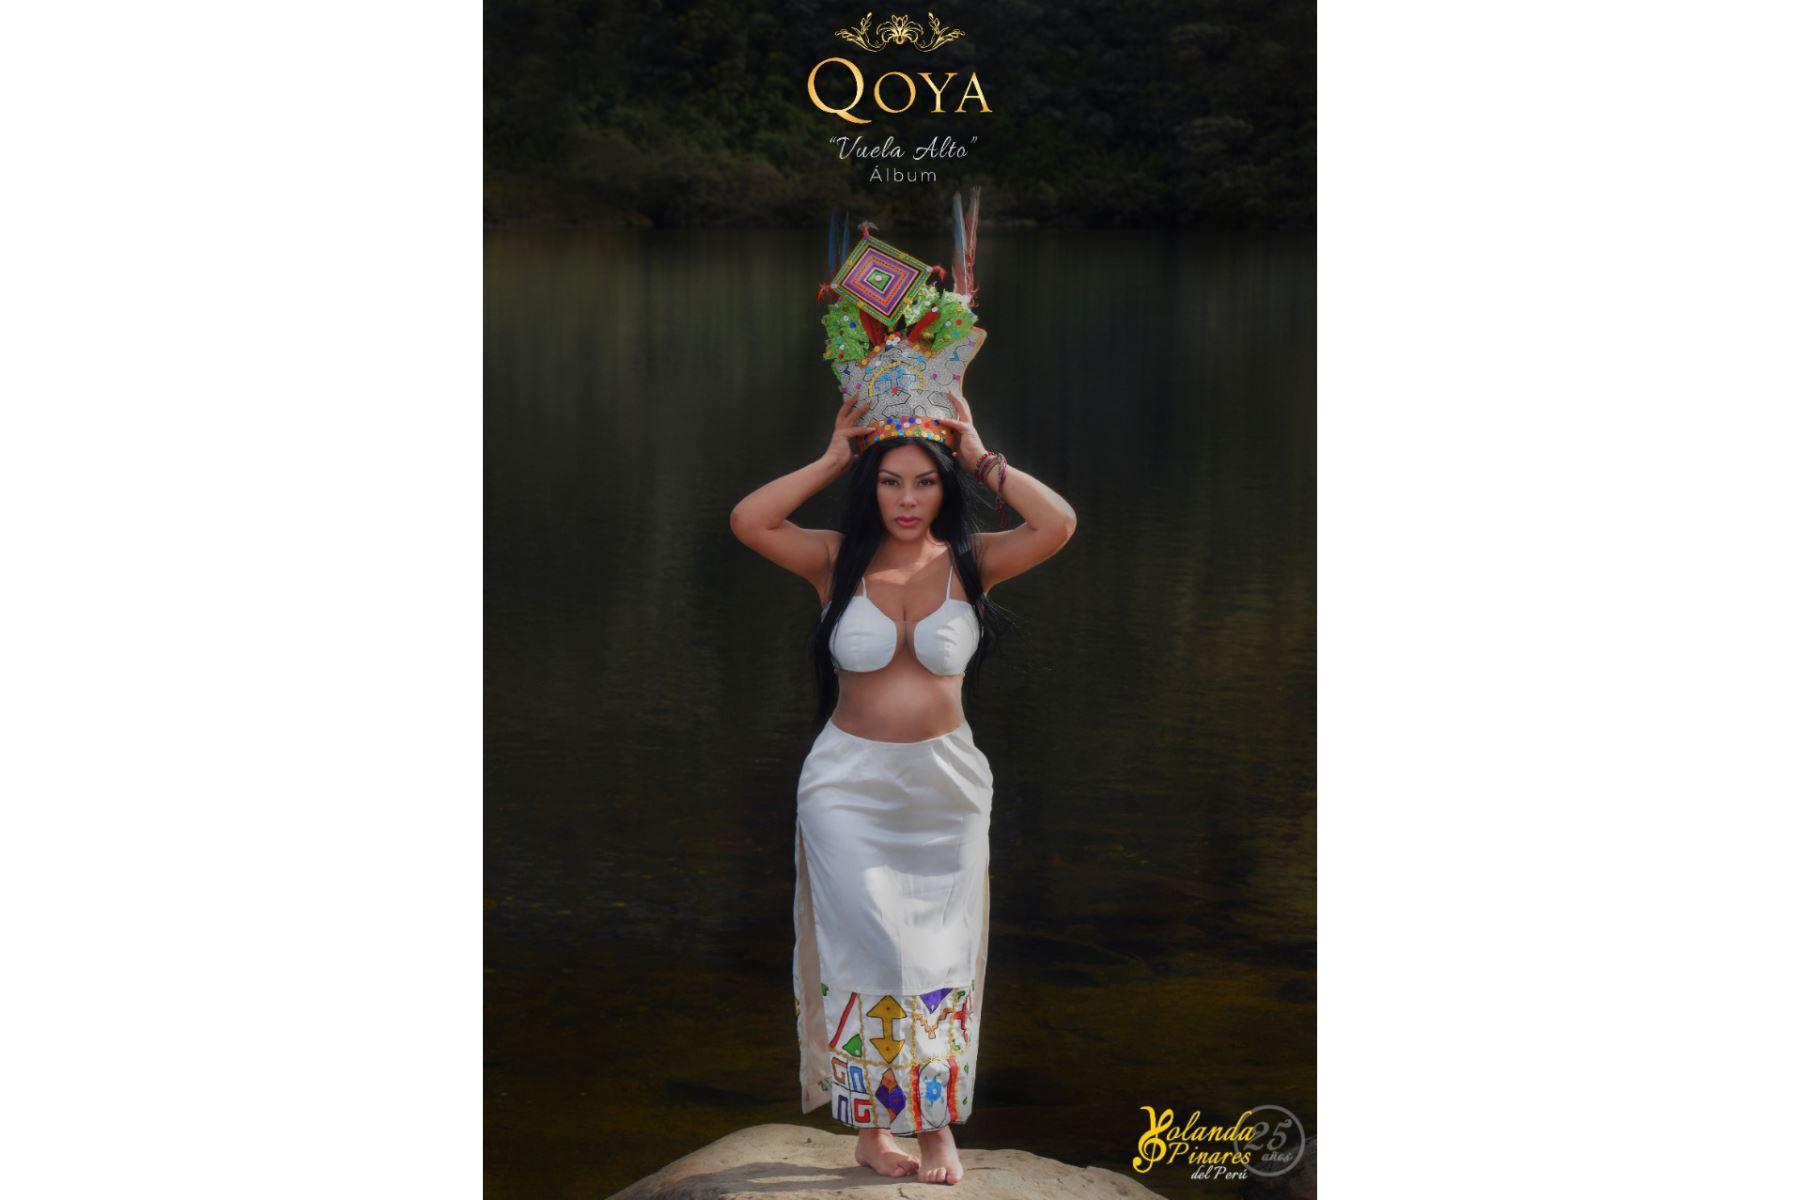 yolanda-pinares-presenta-su-nuevo-album-qoya